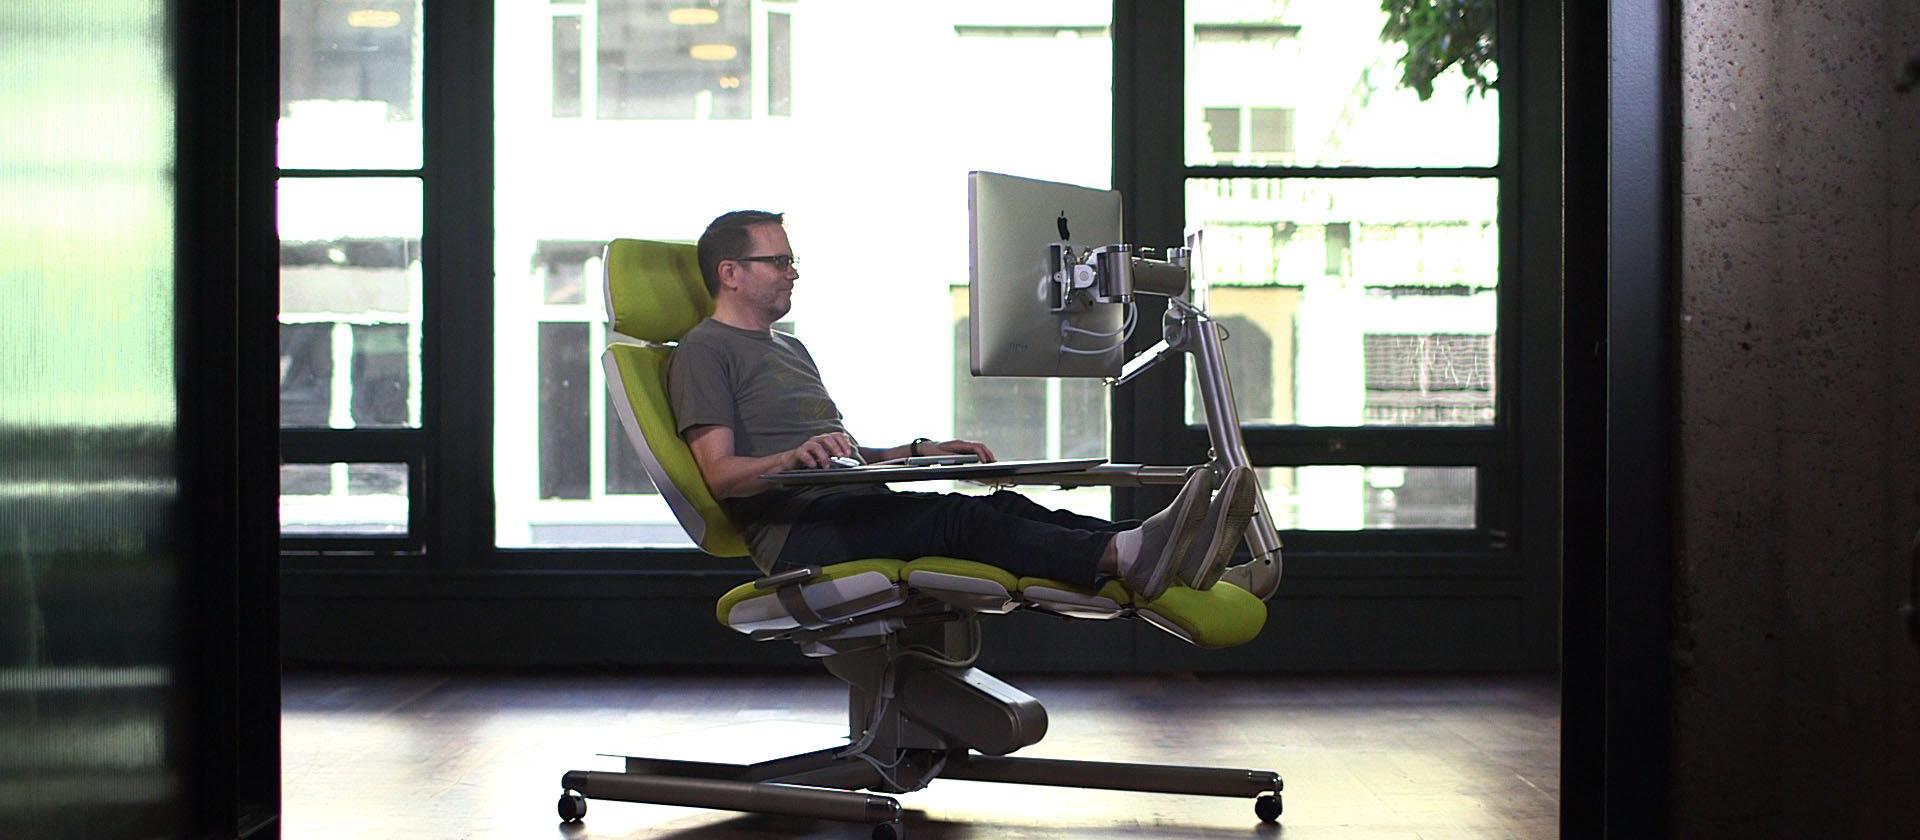 Altwork Station te permet de travailler assis ou allongé afin d'être confortablement installé tout en restant productif